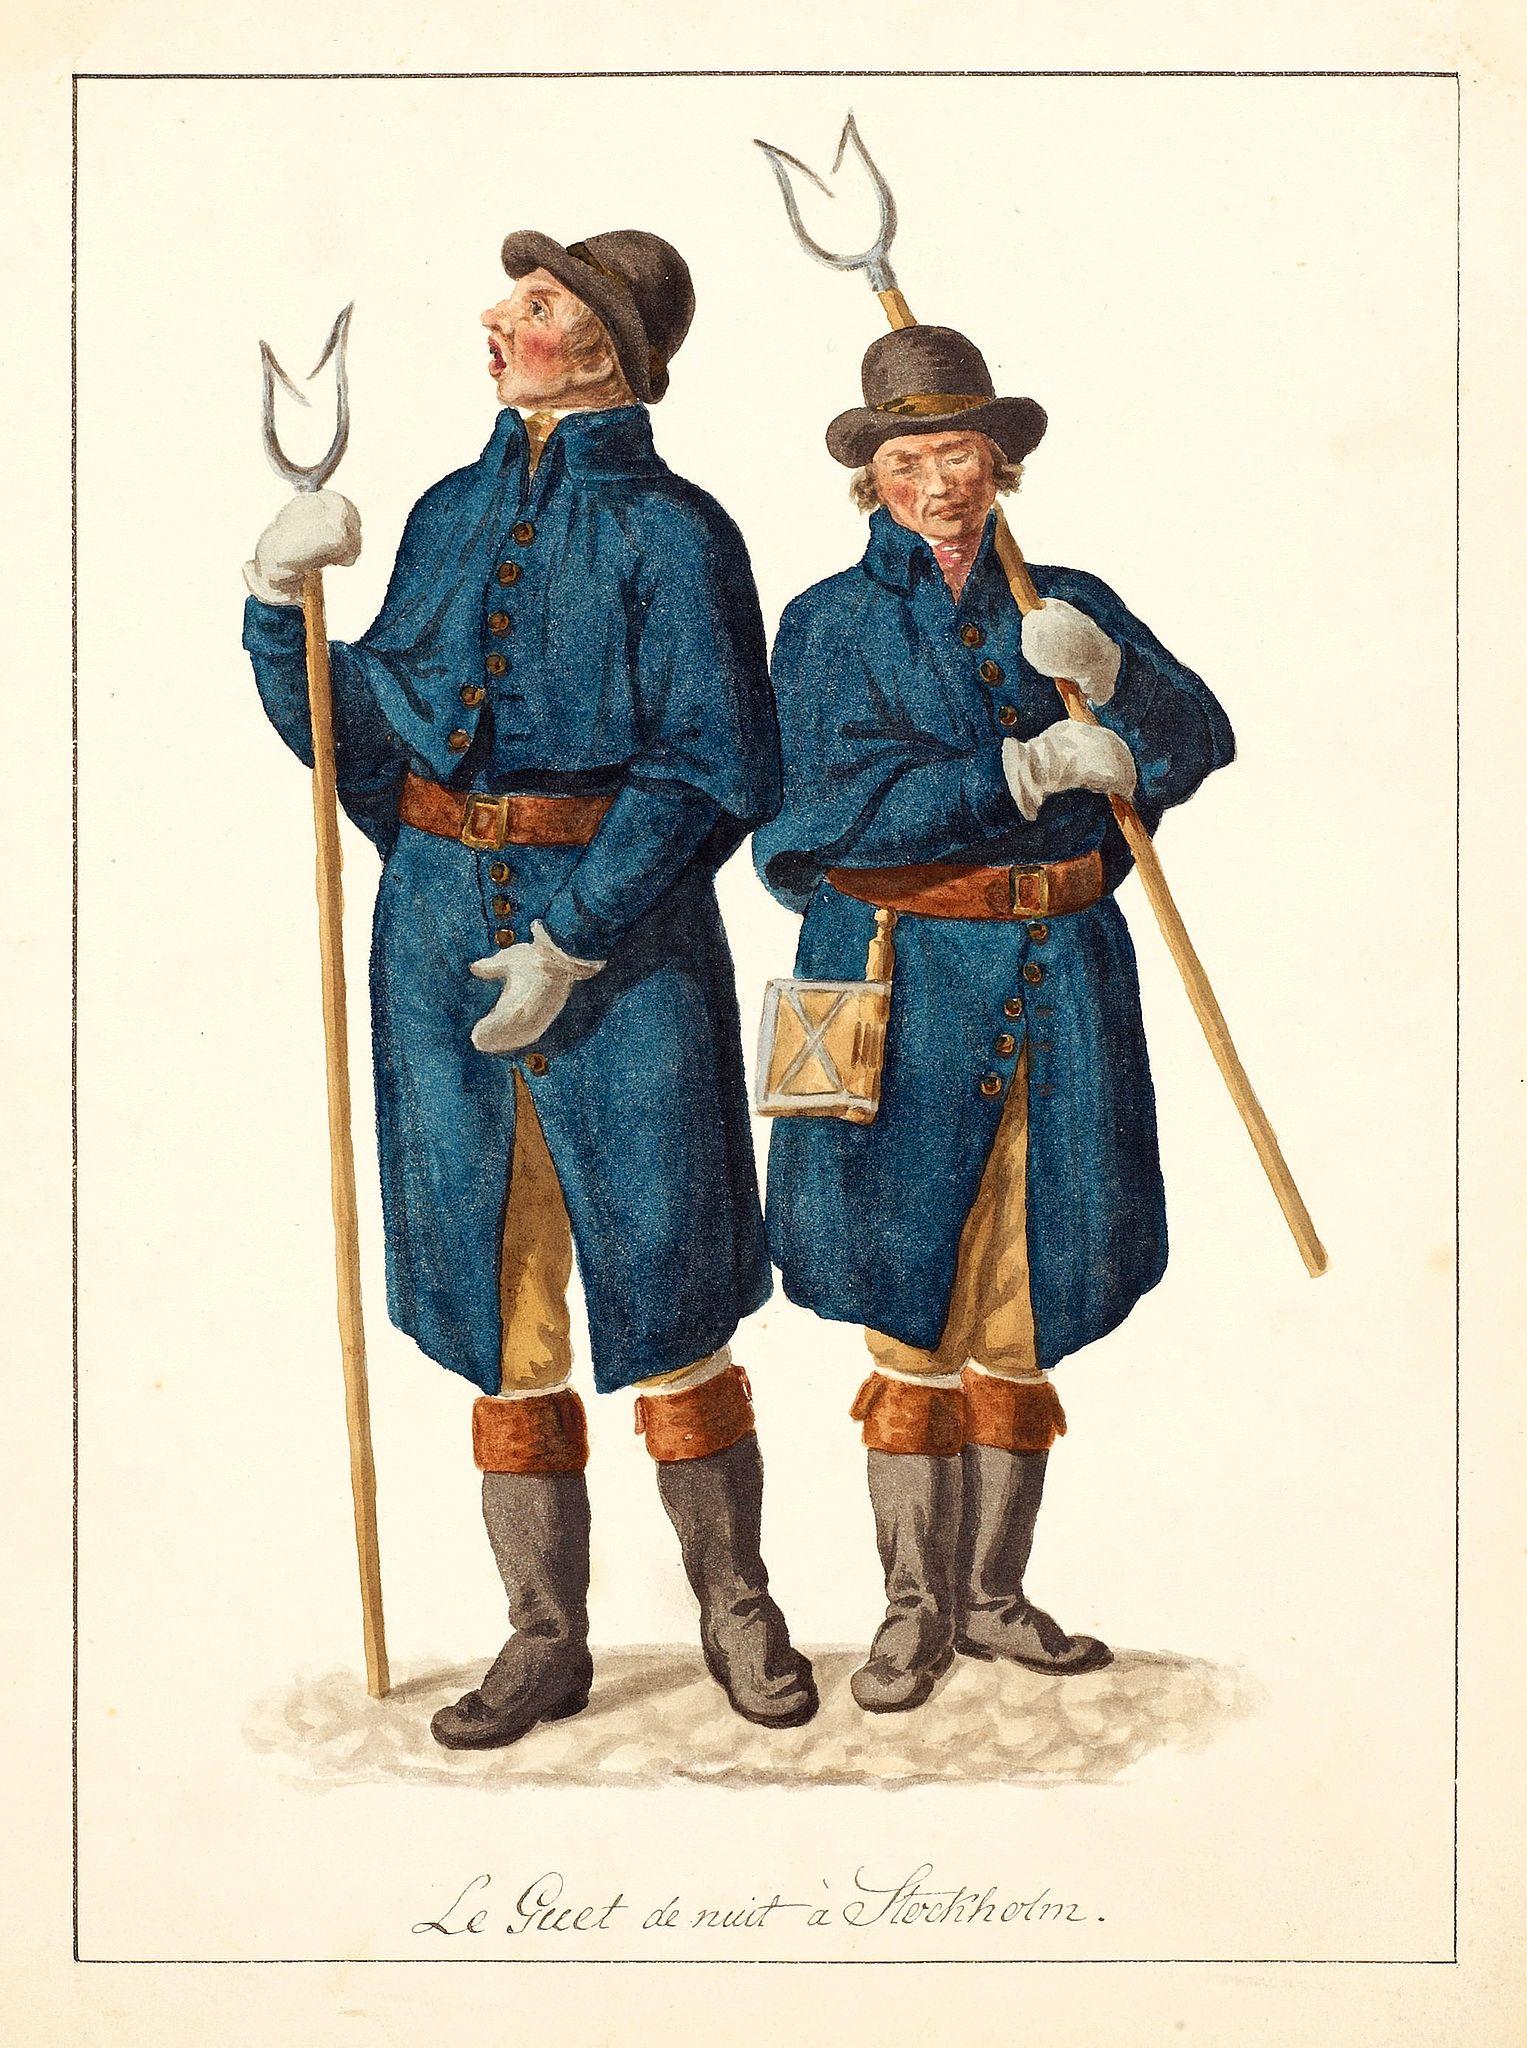 SWEDMAN, C.W. attributed to -  Le Guet de nuit à Stockholm.